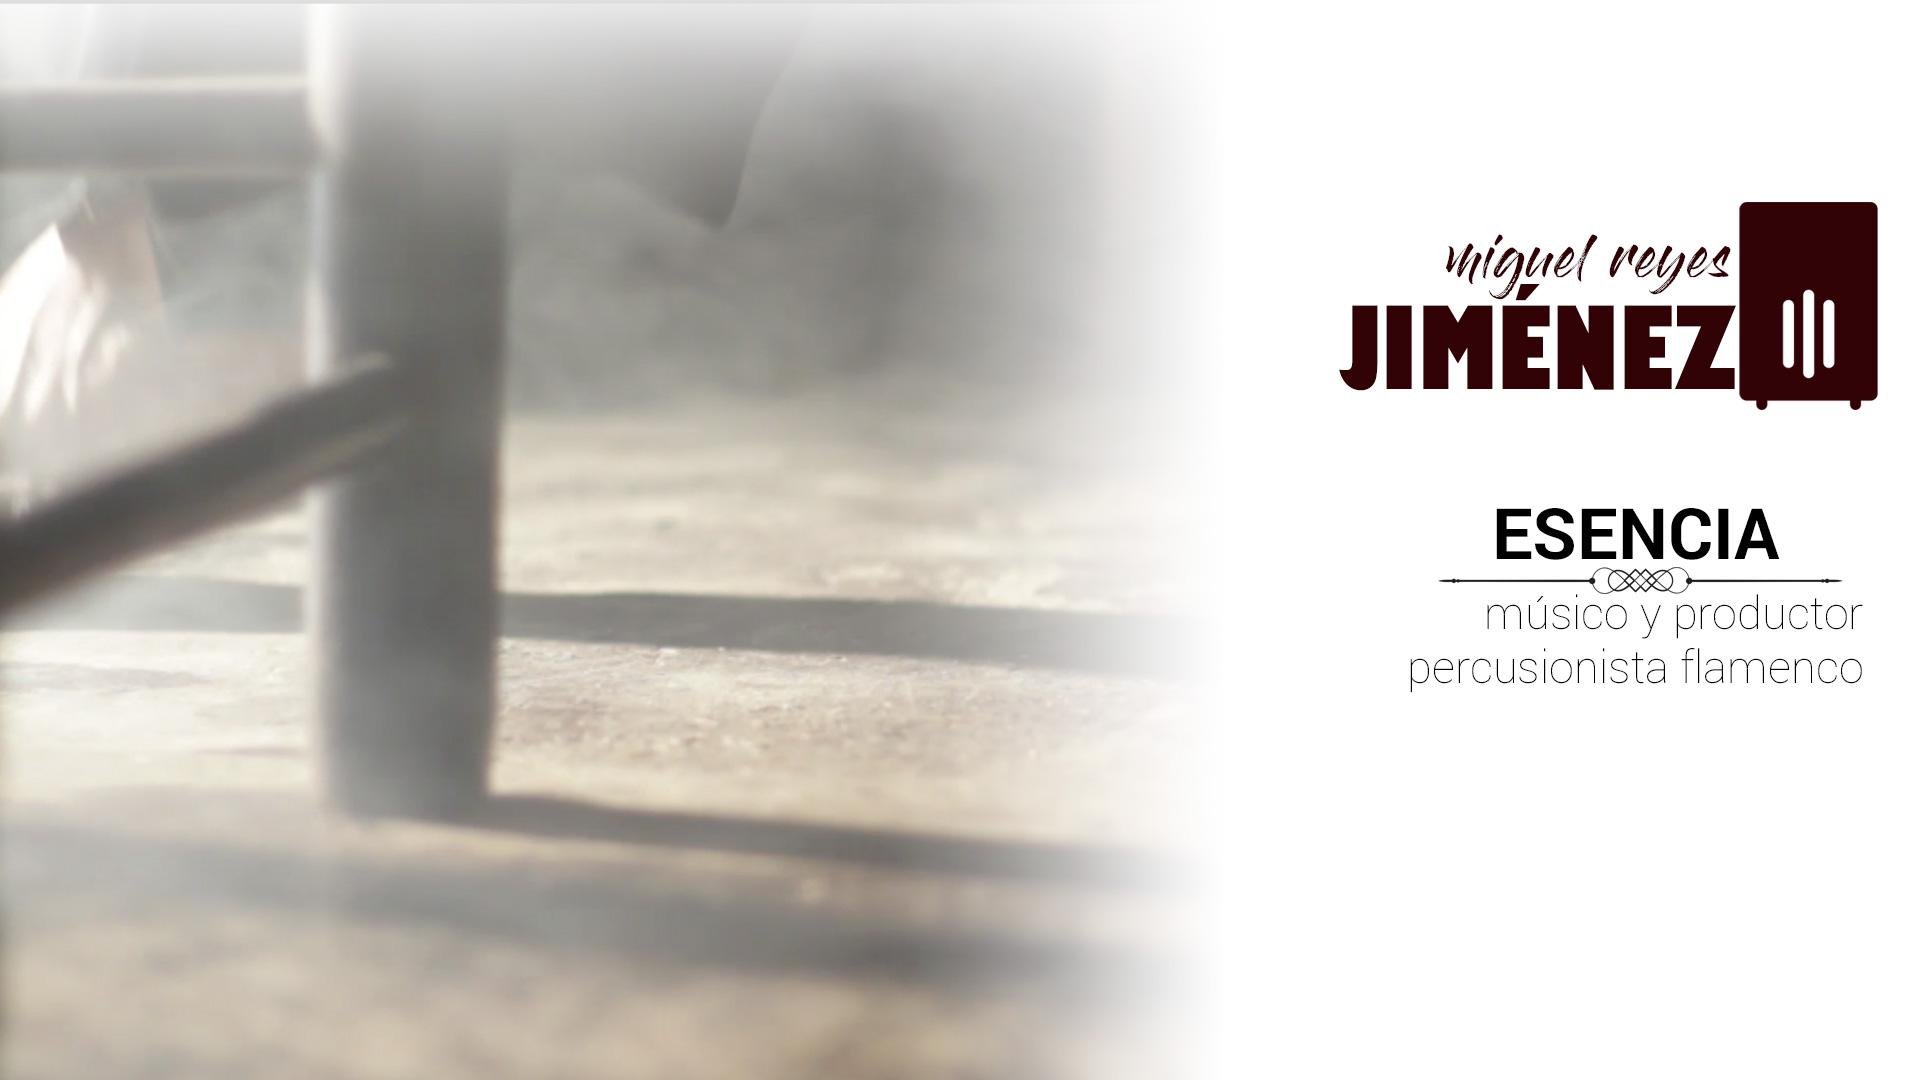 Espectáculos de Miguel Reyes JIMÉNEZ